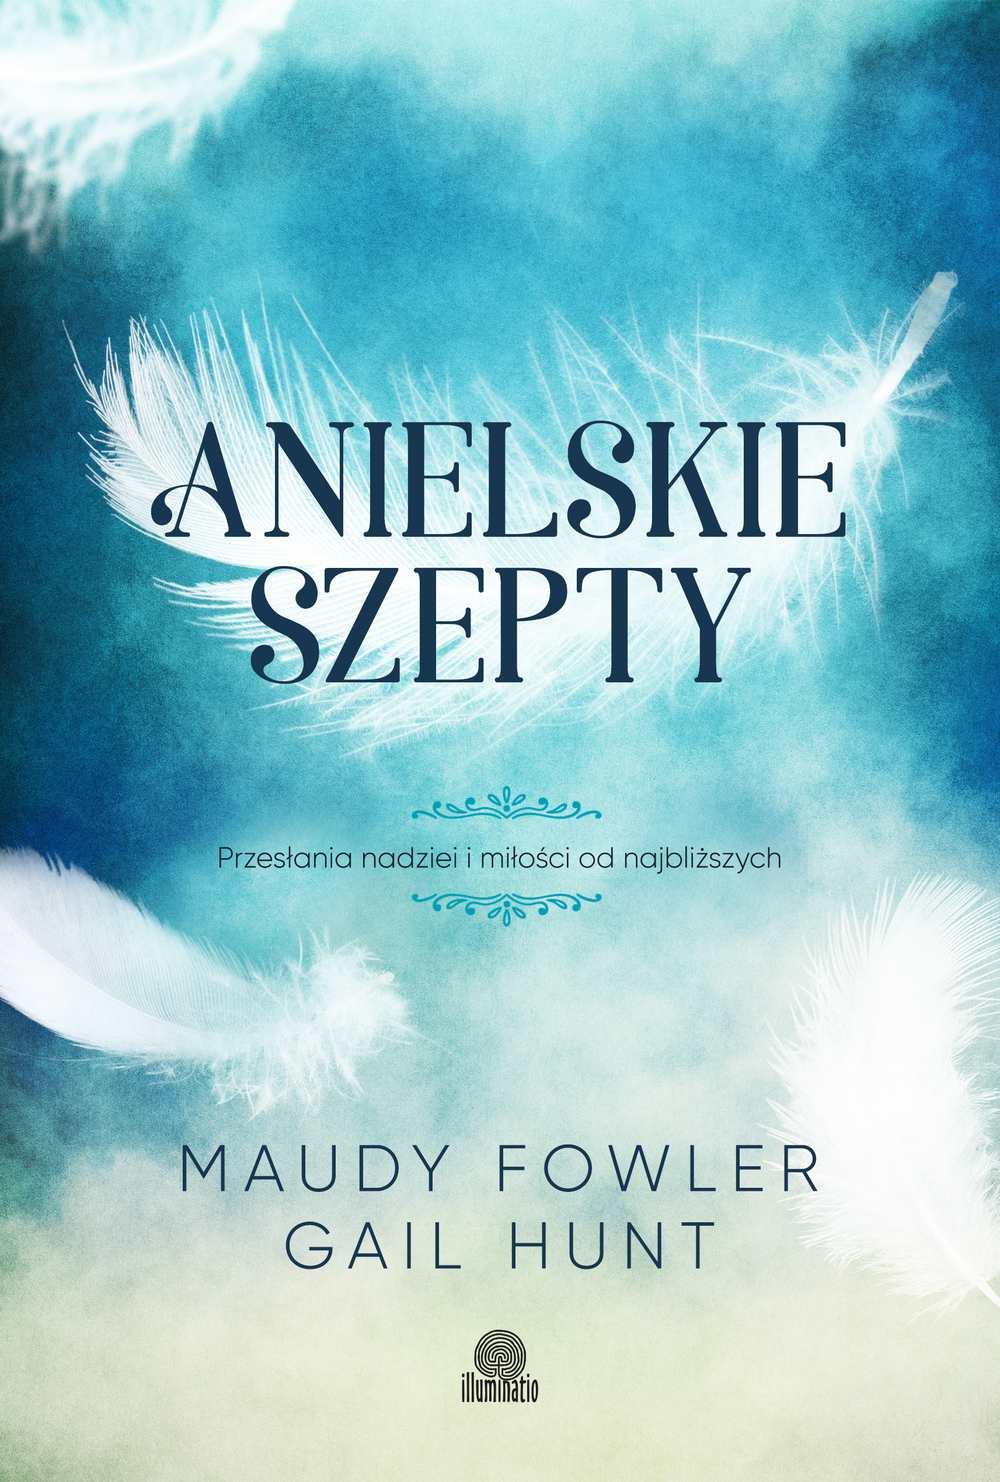 Anielskie szepty. Przesłania nadziei i miłości od najbliższych - Ebook (Książka na Kindle) do pobrania w formacie MOBI